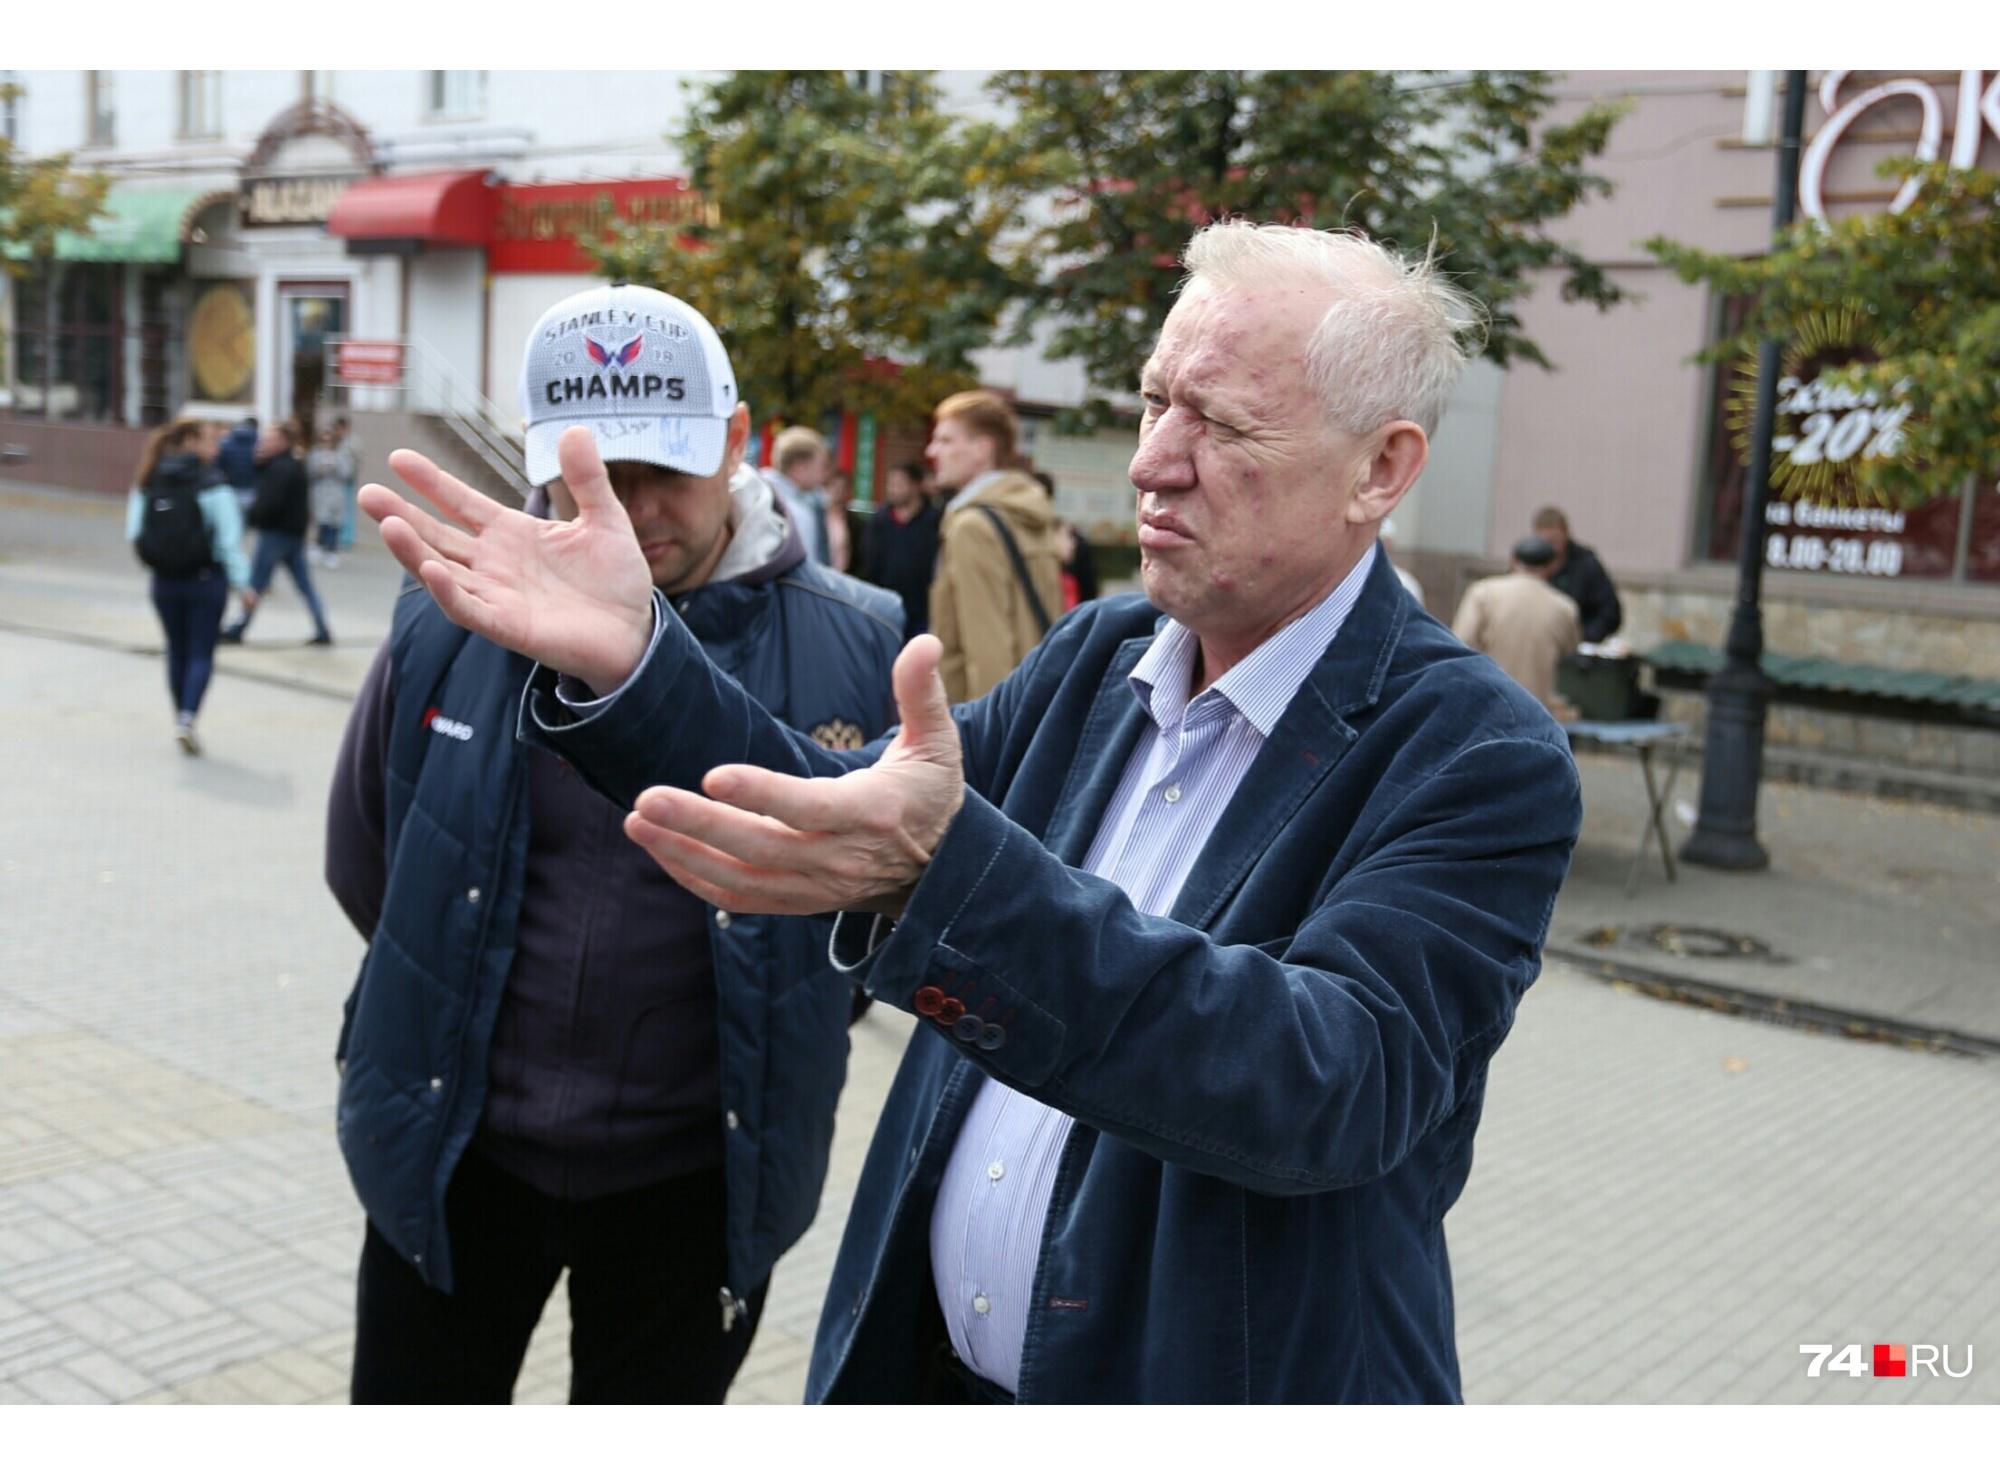 Мэр решил прогуляться по Кировке, Евгений Тефтелев в хорошем расположении духа